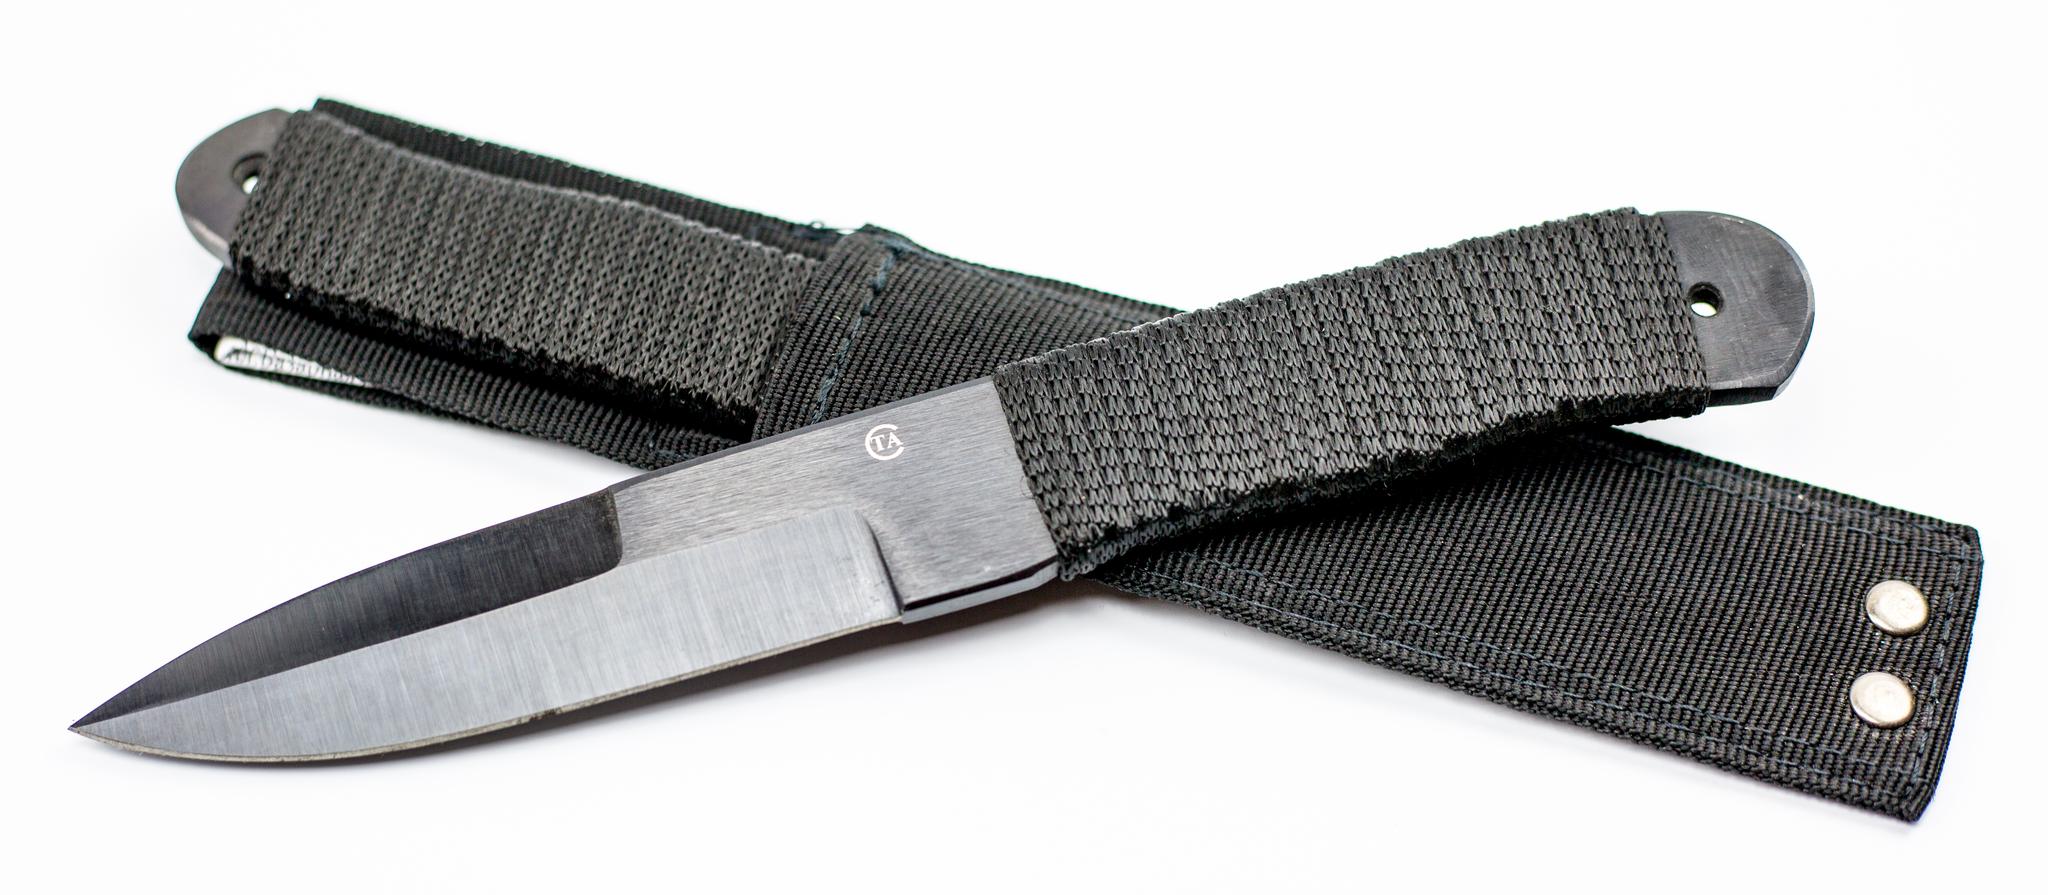 Фото 9 - Метательный нож Тайга, 65Г от Титов и Солдатова